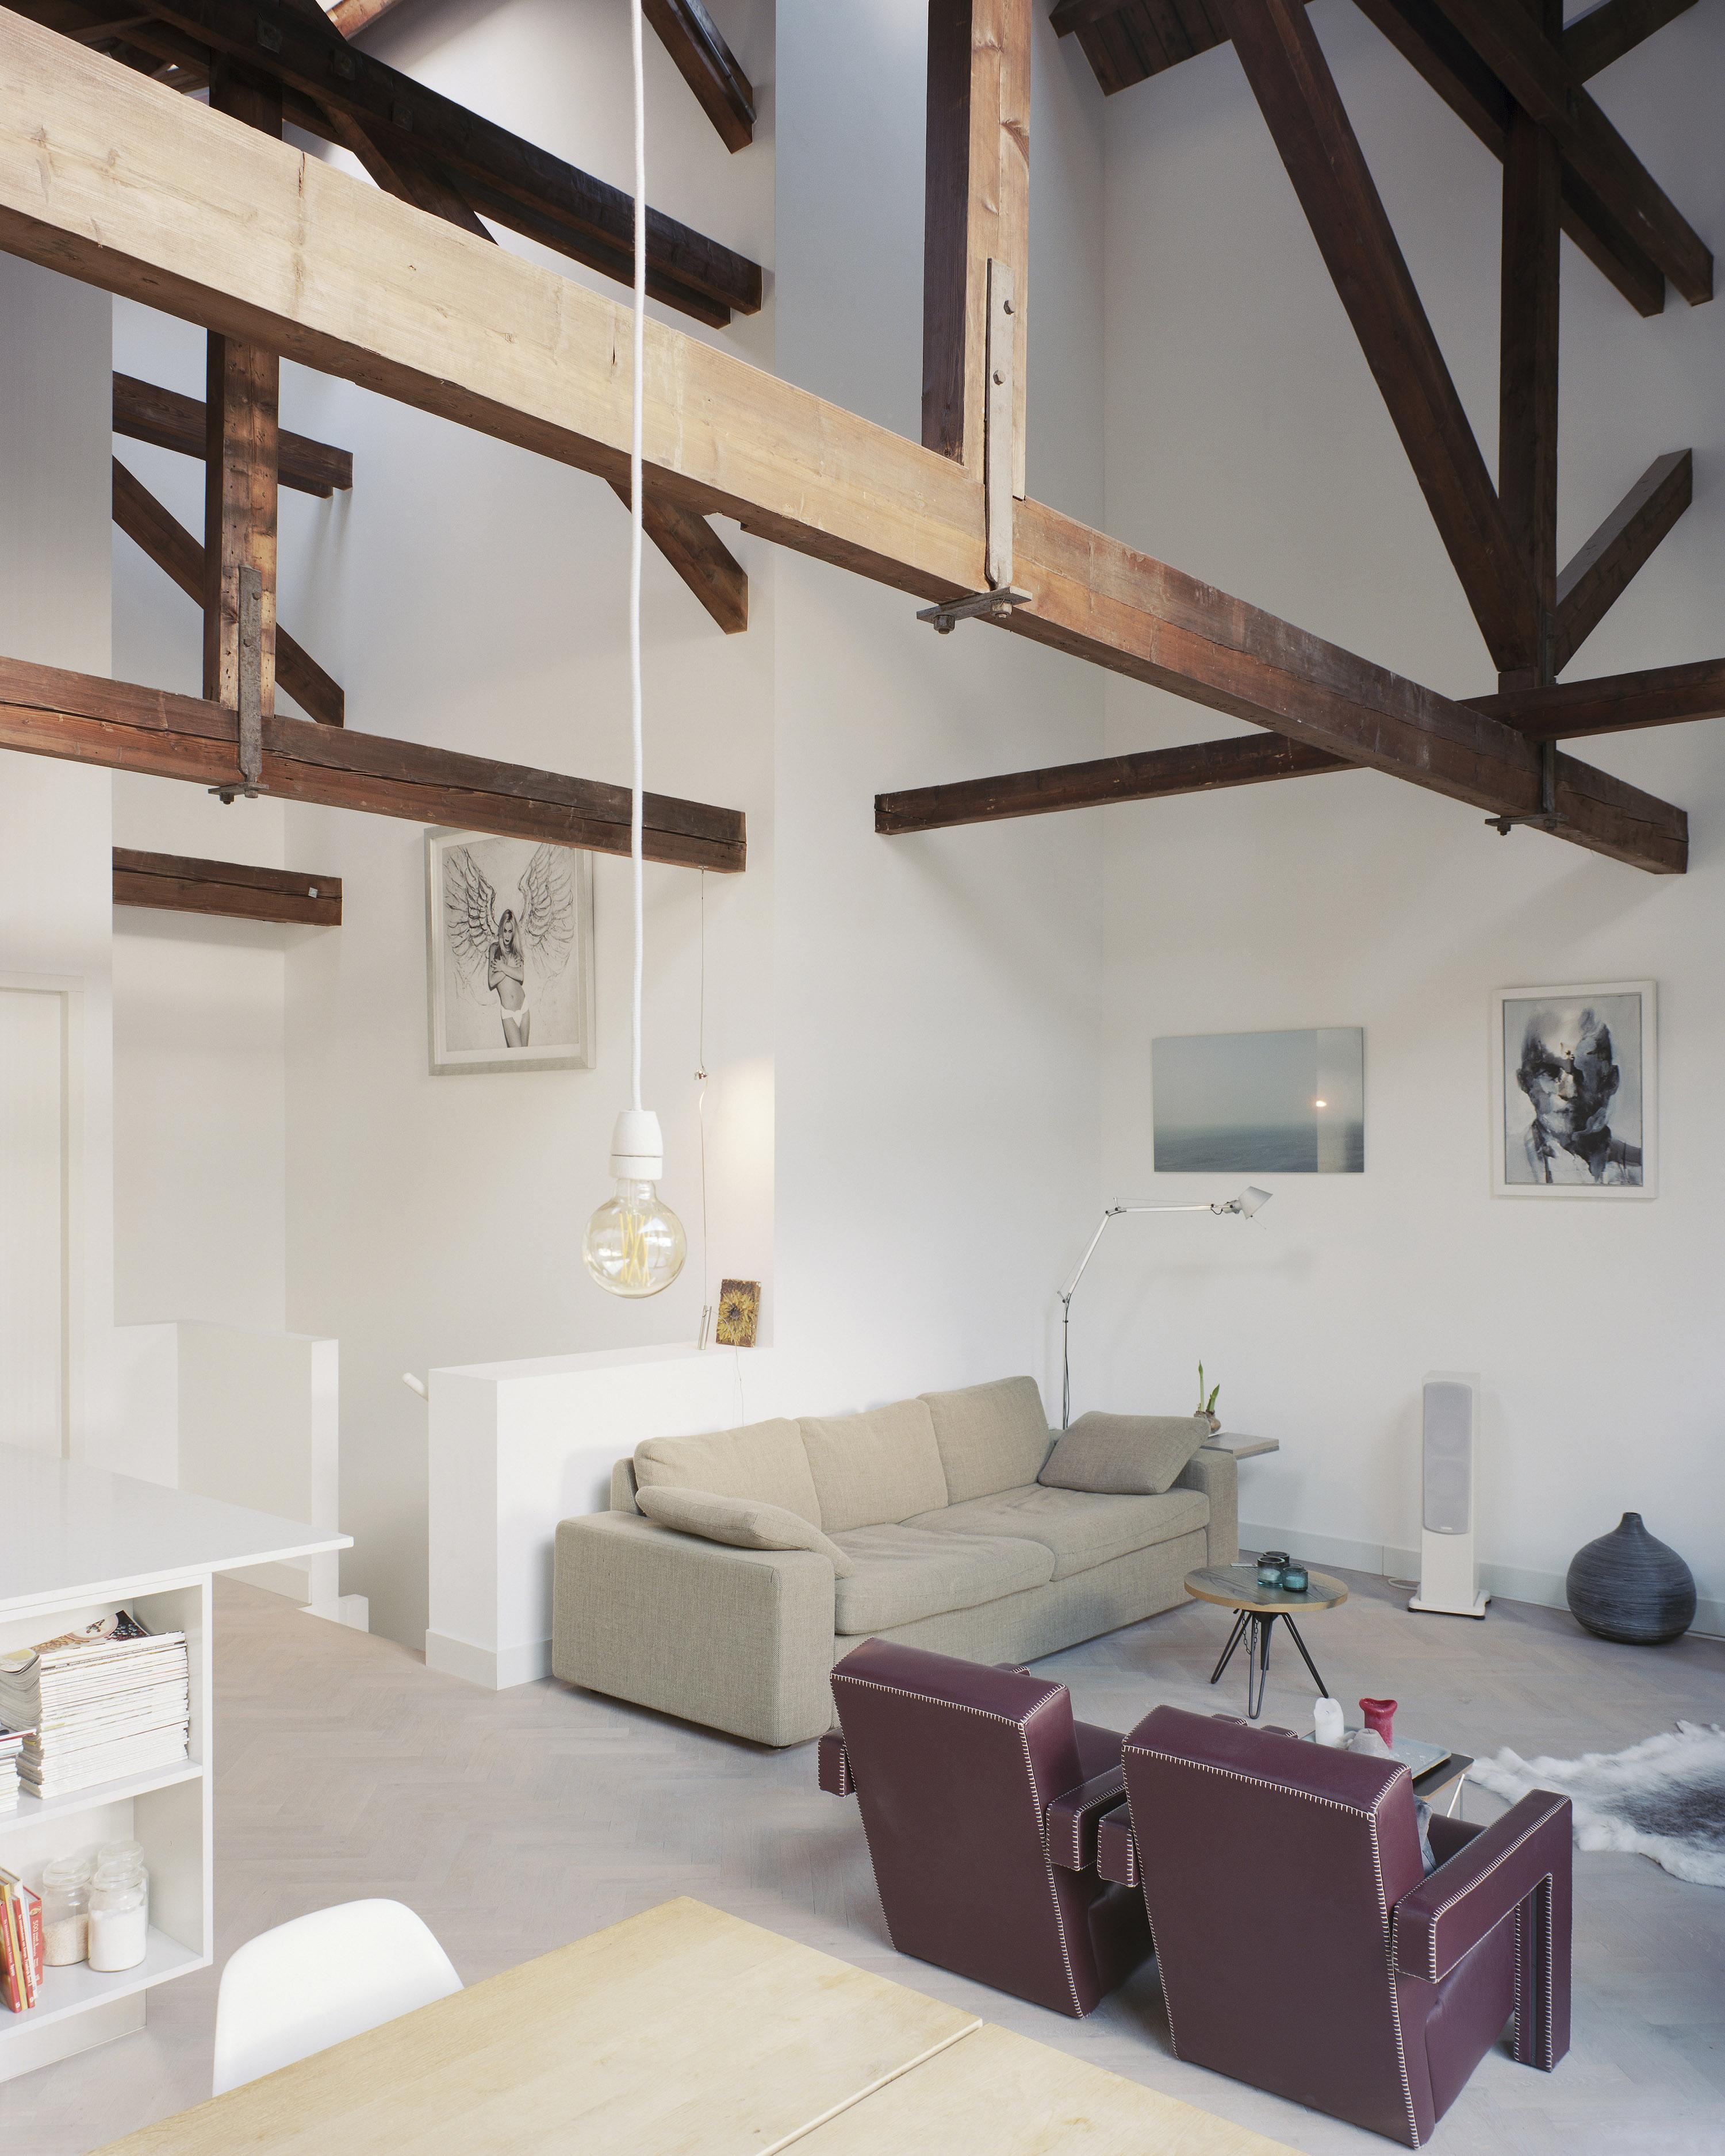 <p>woonkamer onder houten kap in woning 3, foto:Kim Zwarts</p>